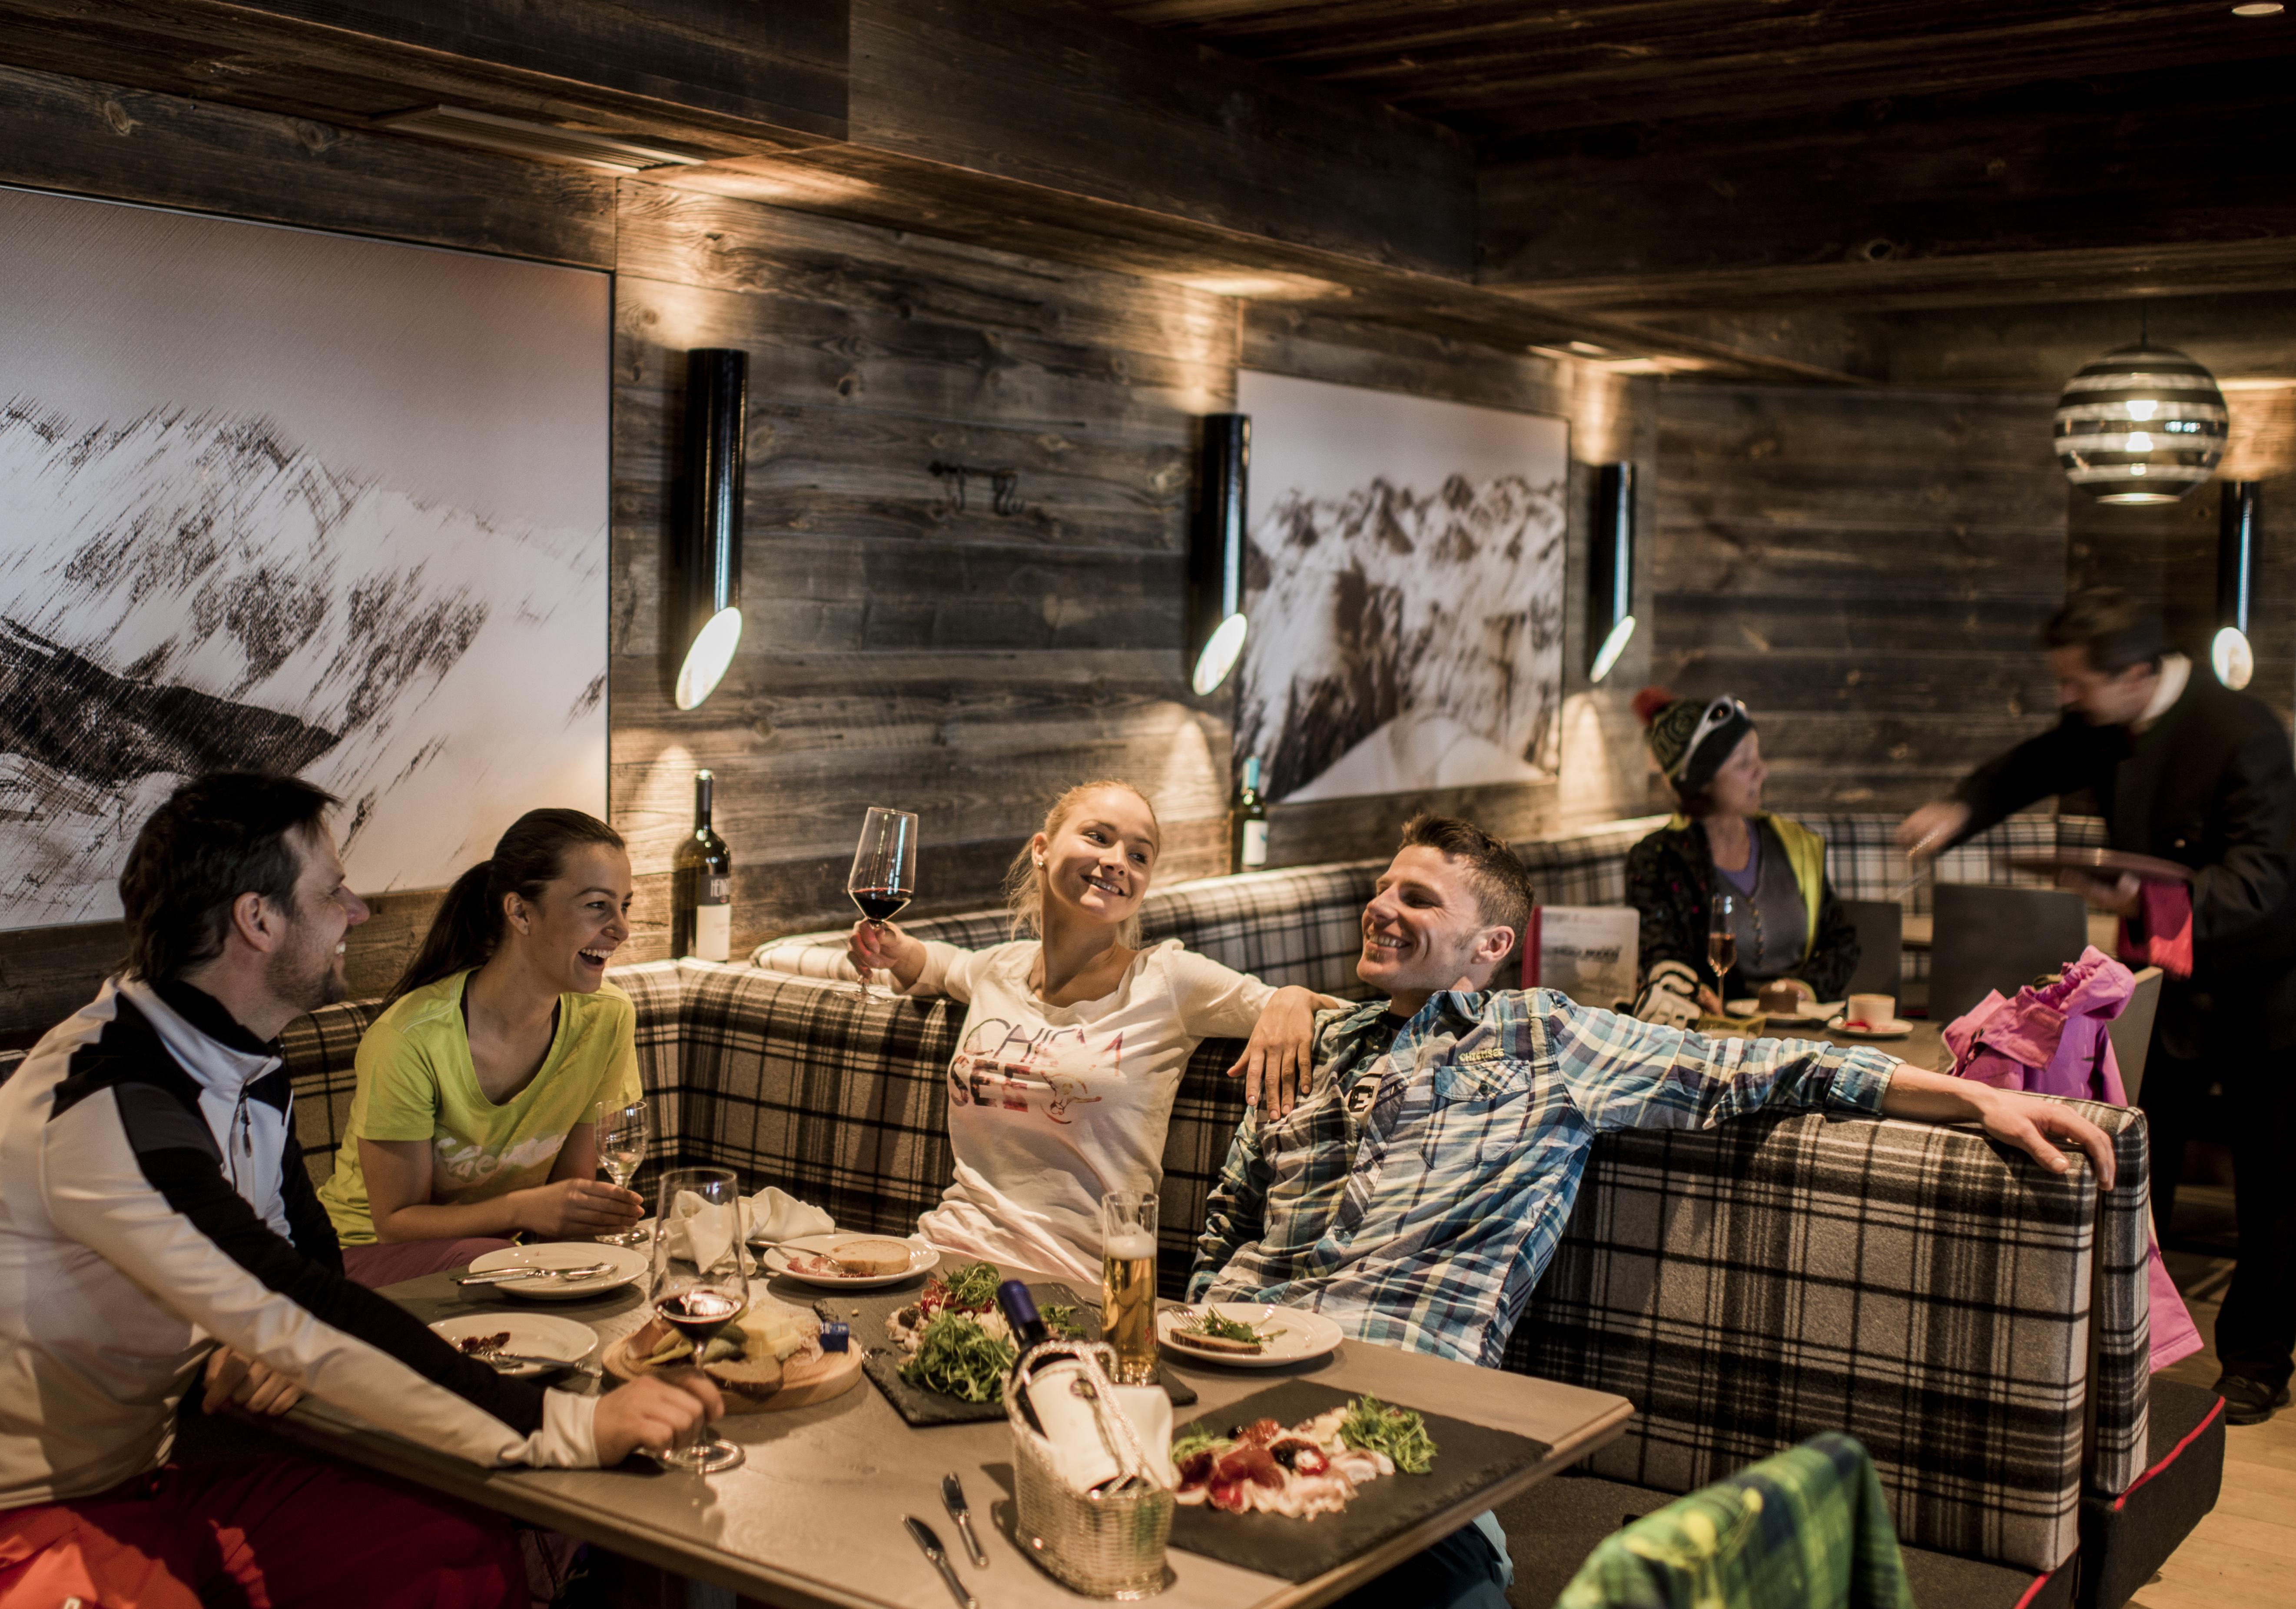 kulinarik-drinks_3_5da046b012923.jpg